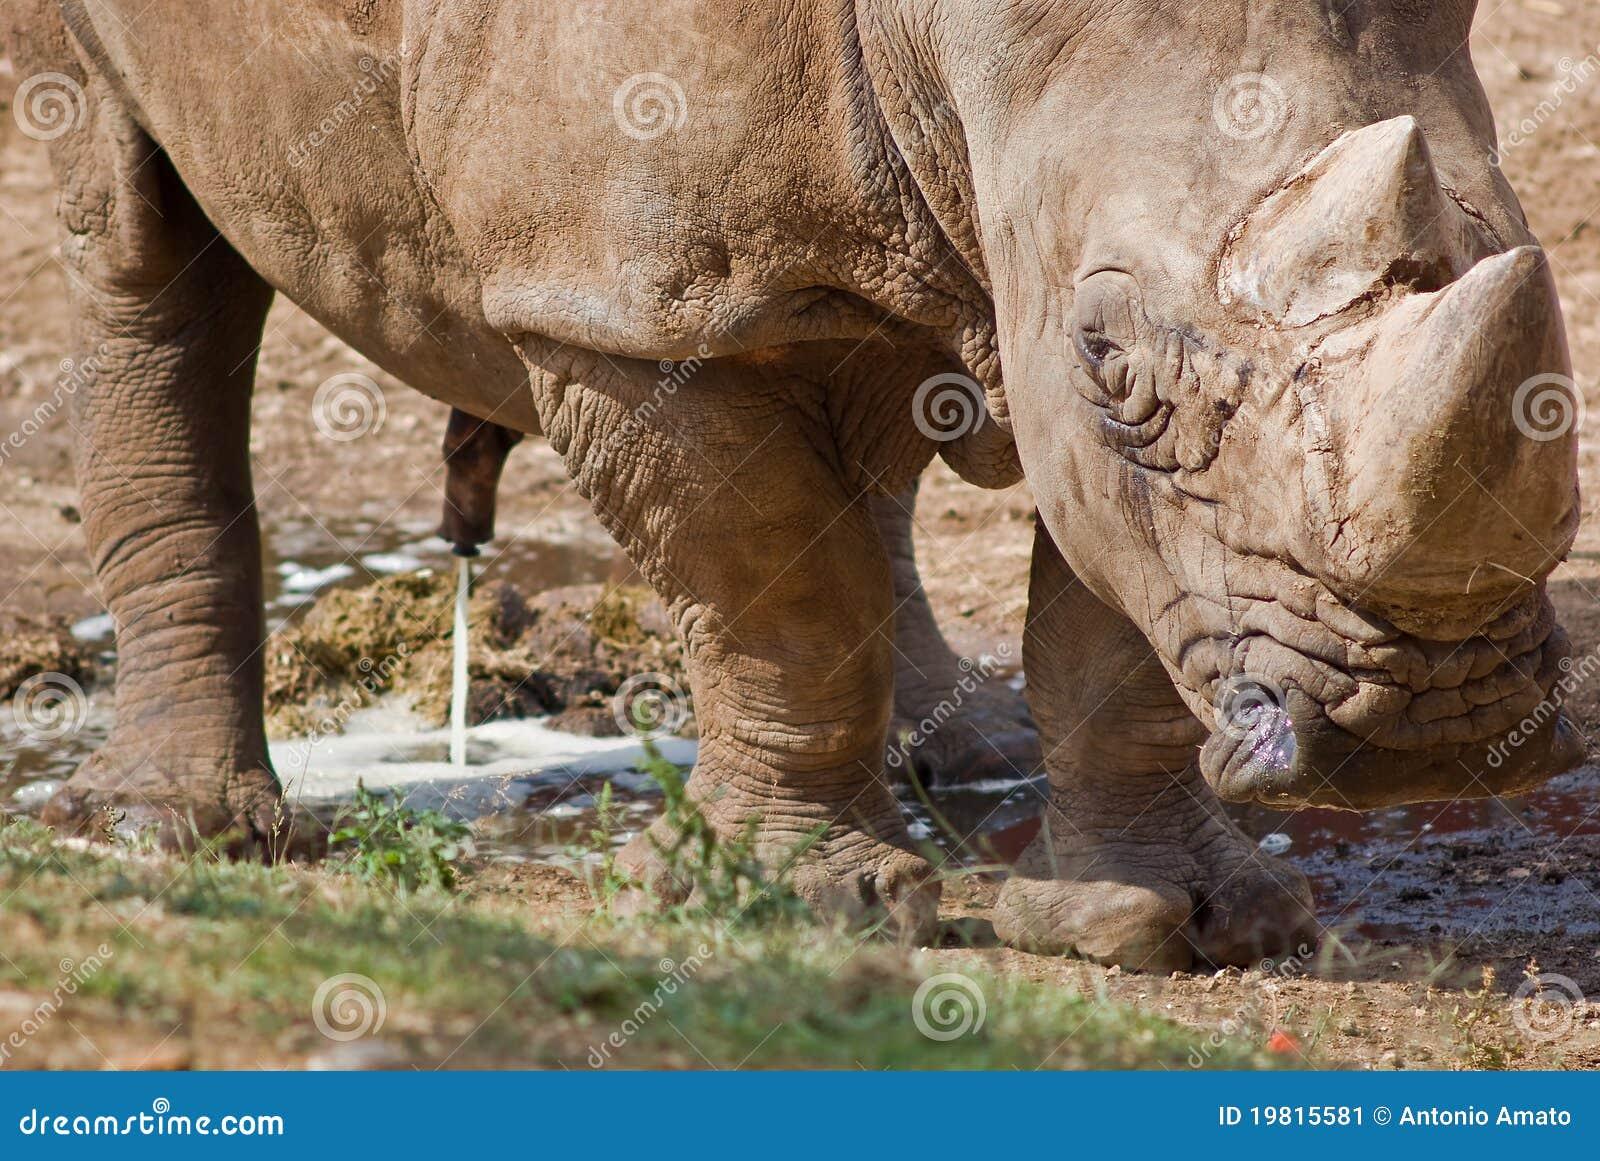 Rinoceronte Imgenes De Archivo, Vectores, Rinoceronte